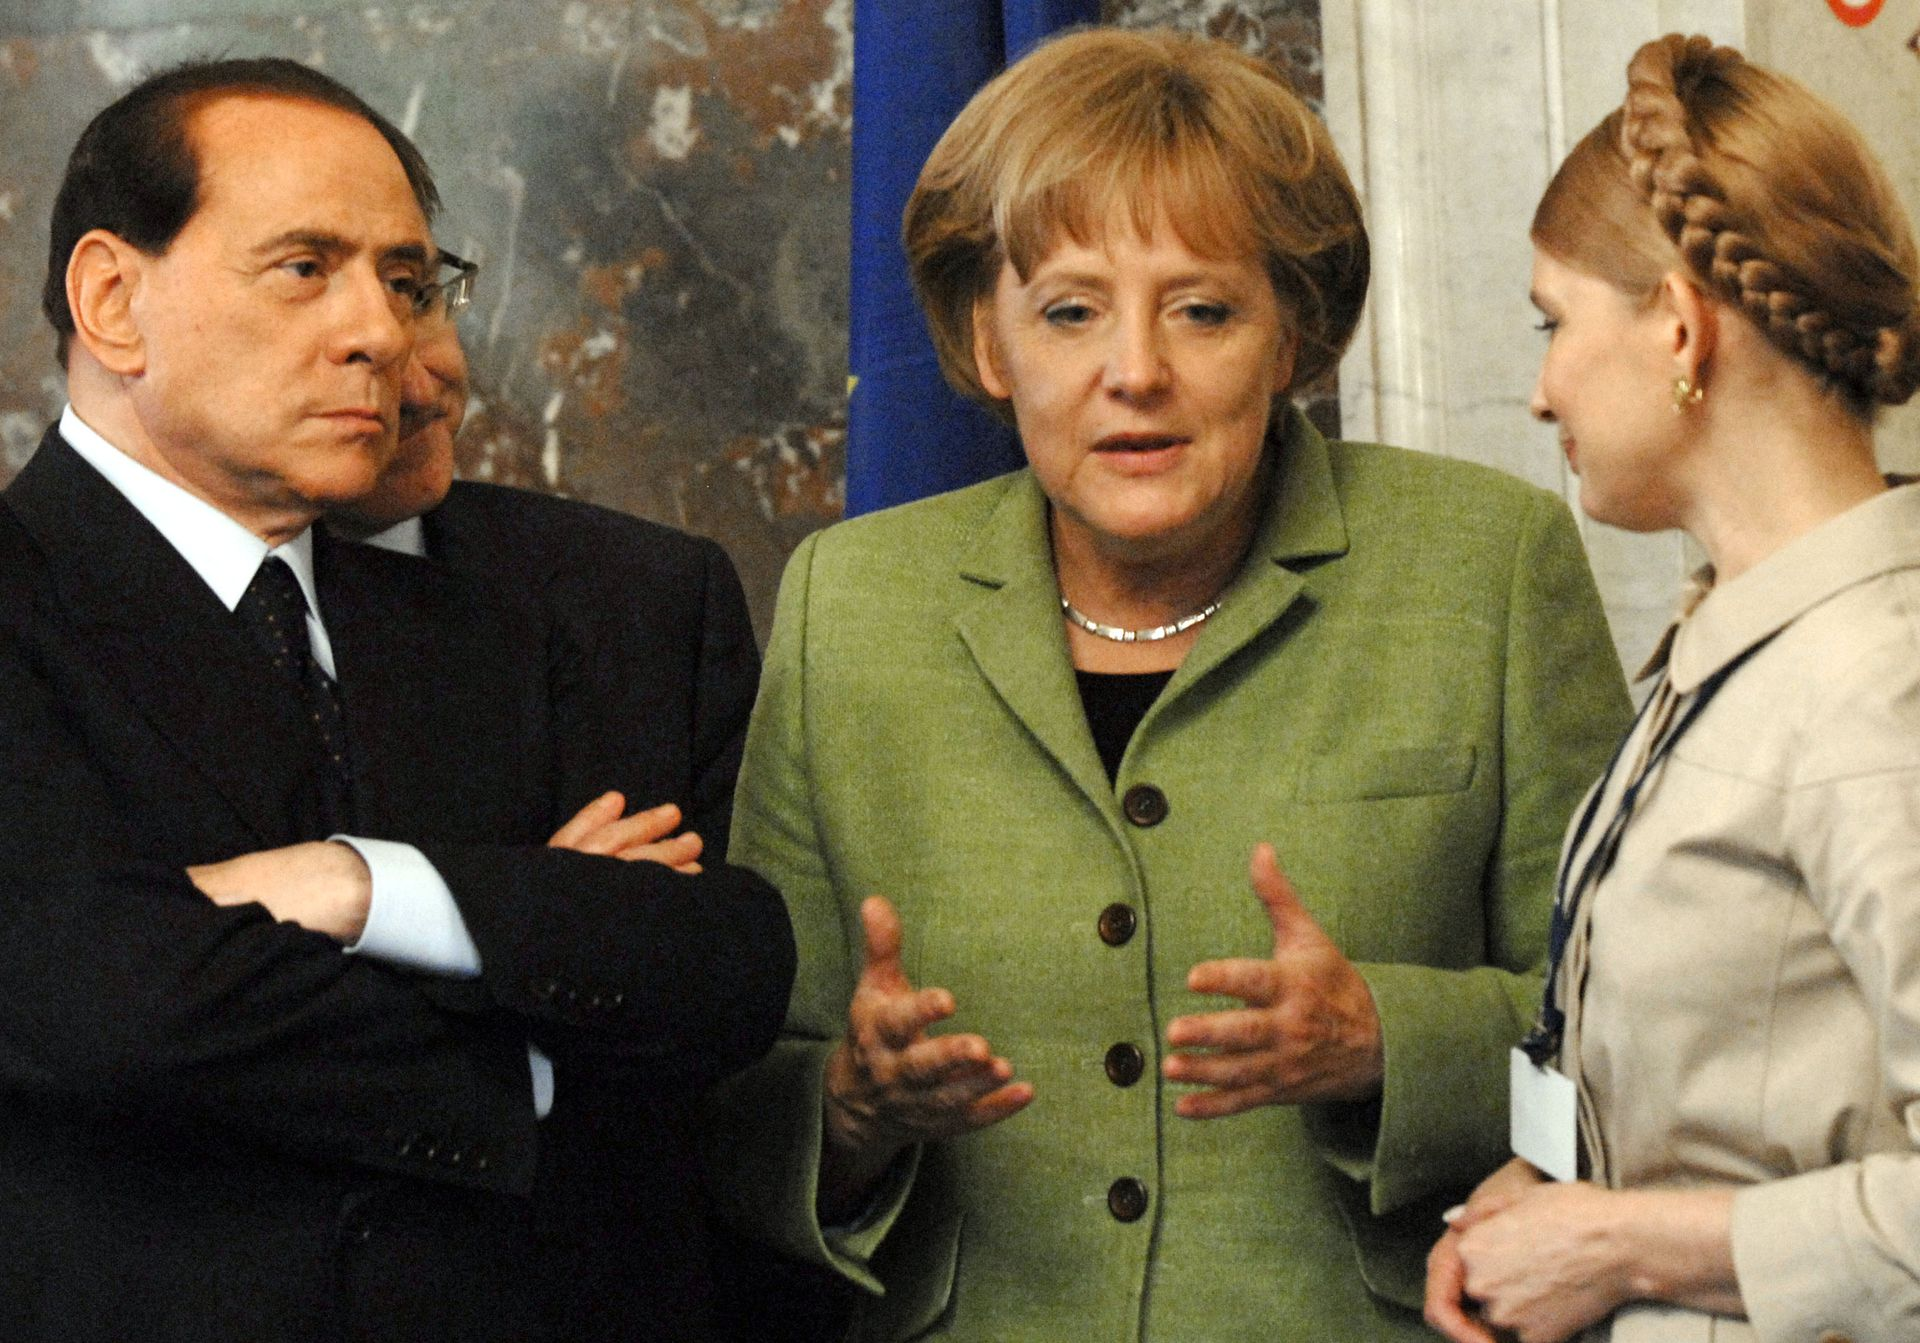 El primer ministro italiano, Silvio Berlusconi, escucha mientras la canciller alemana Angela Merkel, en el centro, habla con la primera ministra de Ucrania, Yulia Tymoshenko, durante una reunión del Partido Popular Europeo en Bruselas, el jueves 19 de junio de 2008